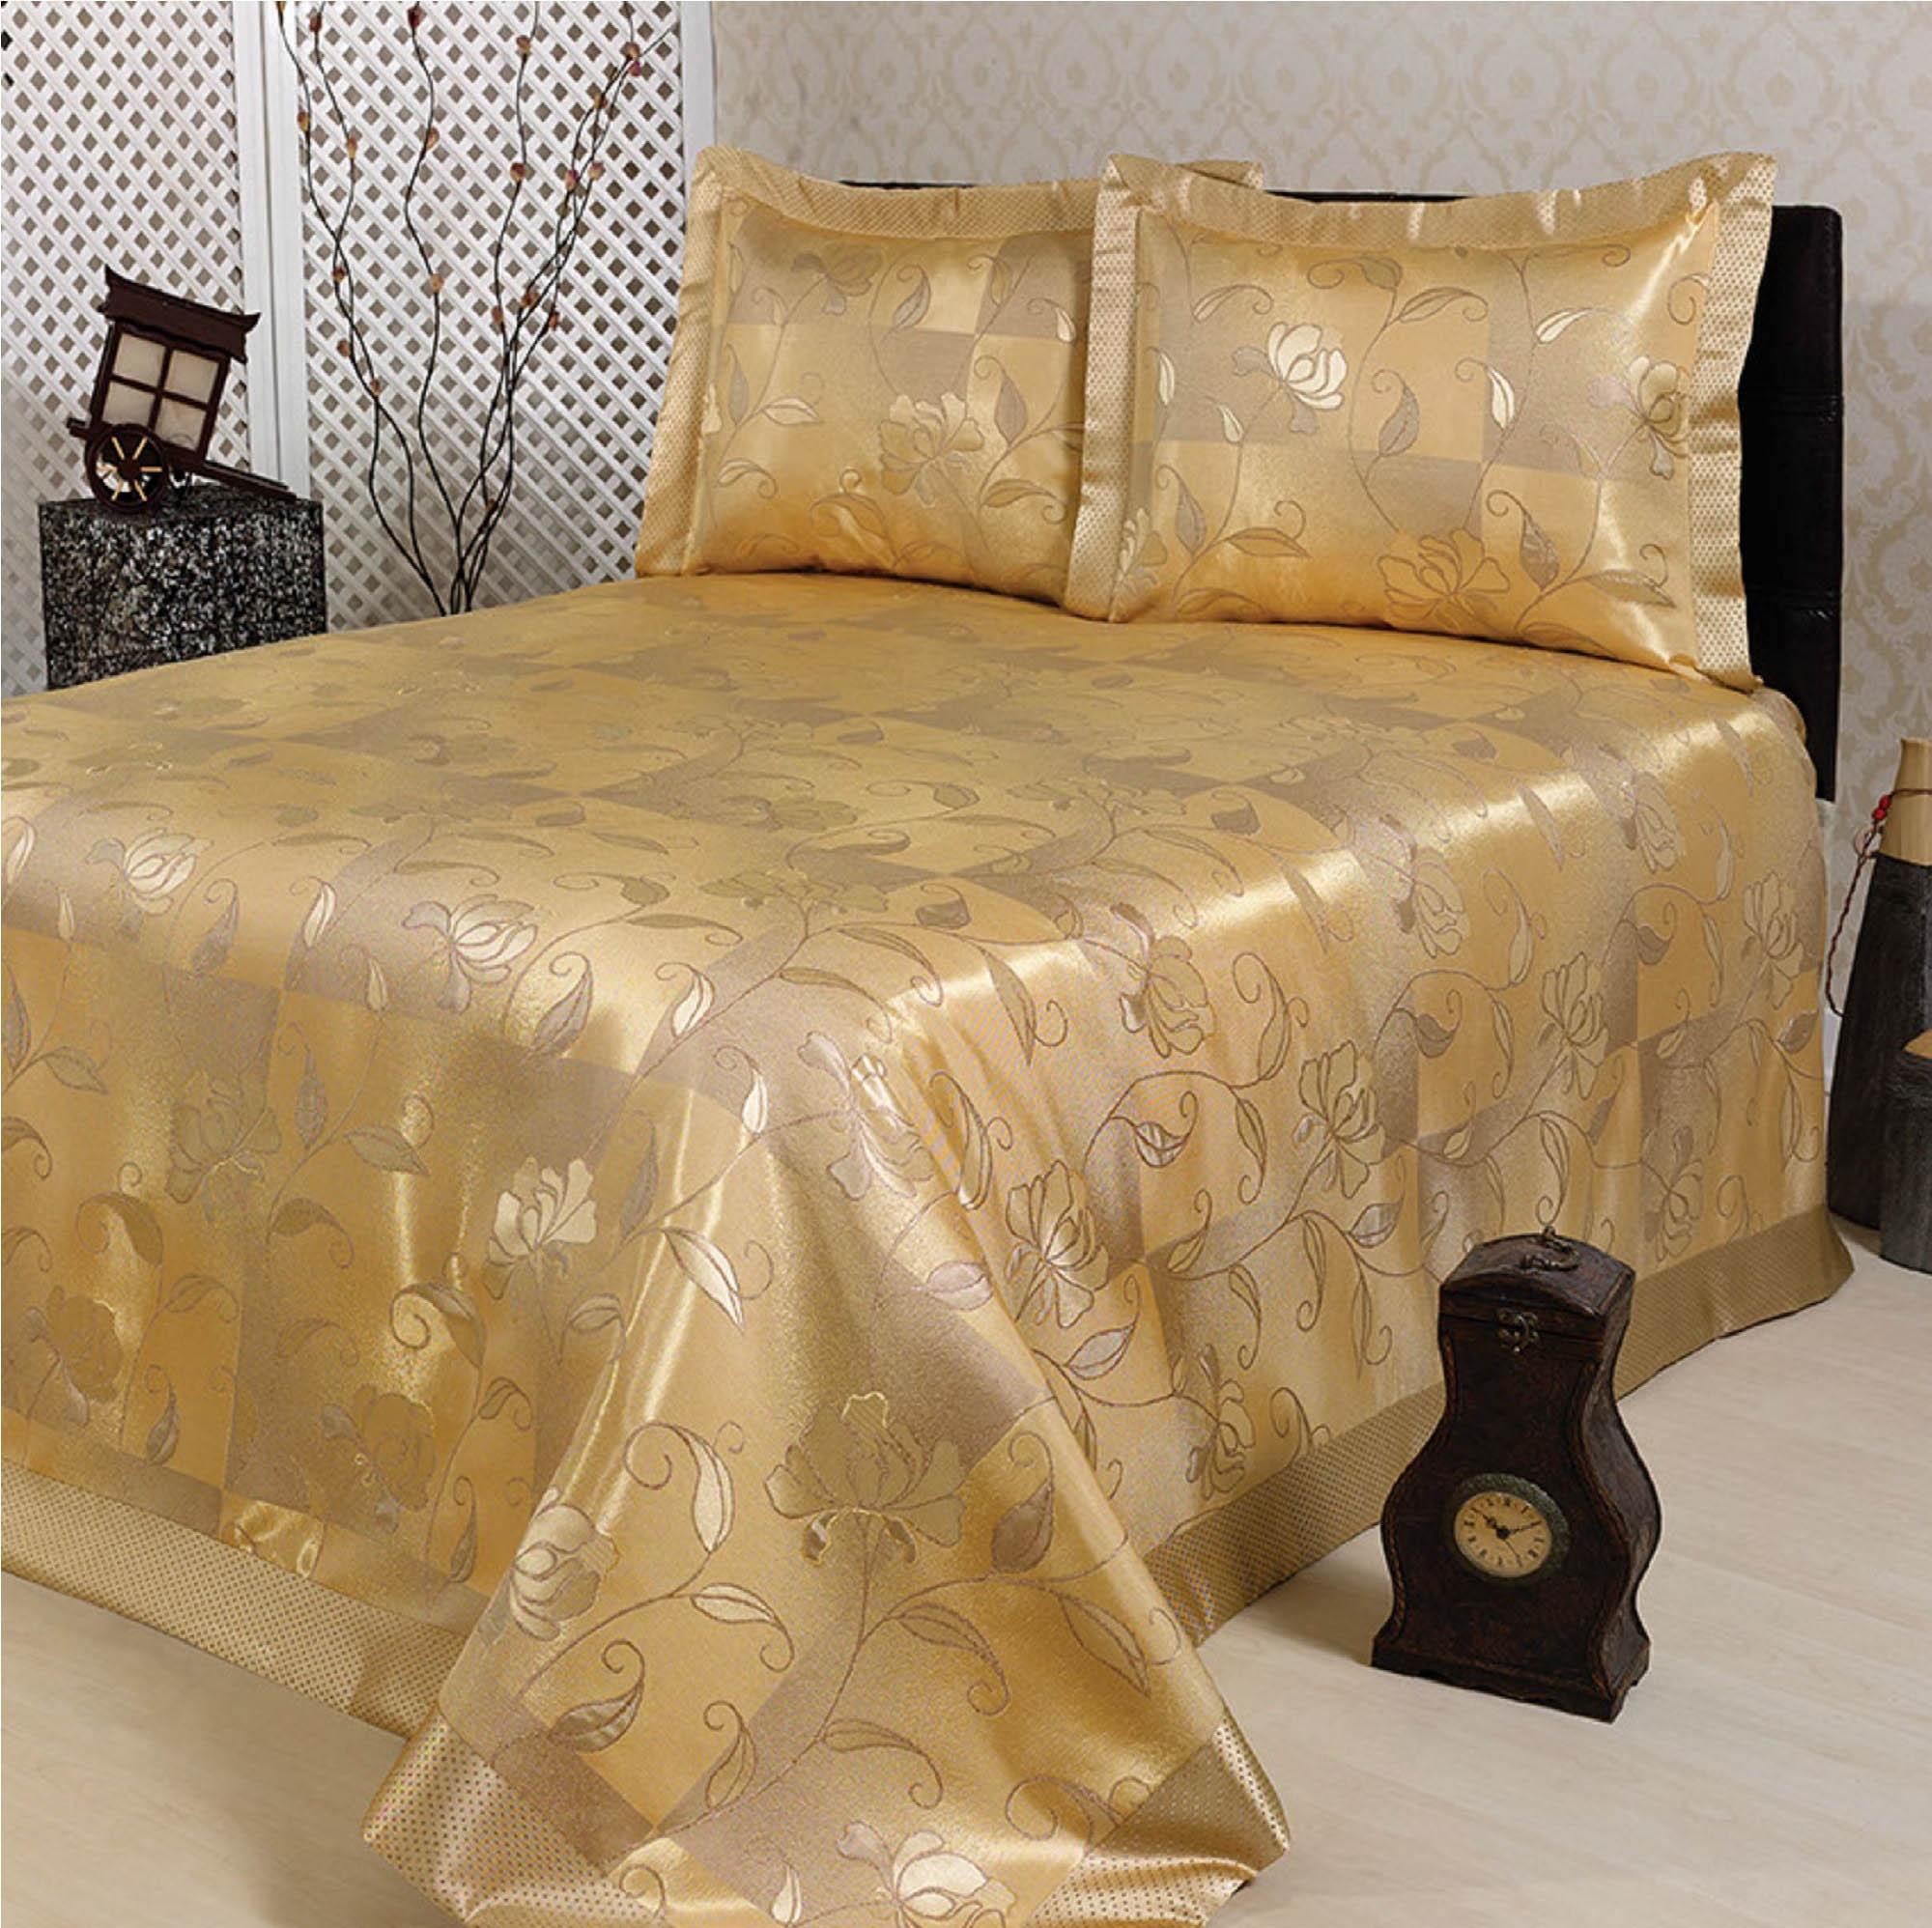 цены Пледы и покрывала NAZSU Покрывало Akasya Цвет: Золотой (240х260 см)